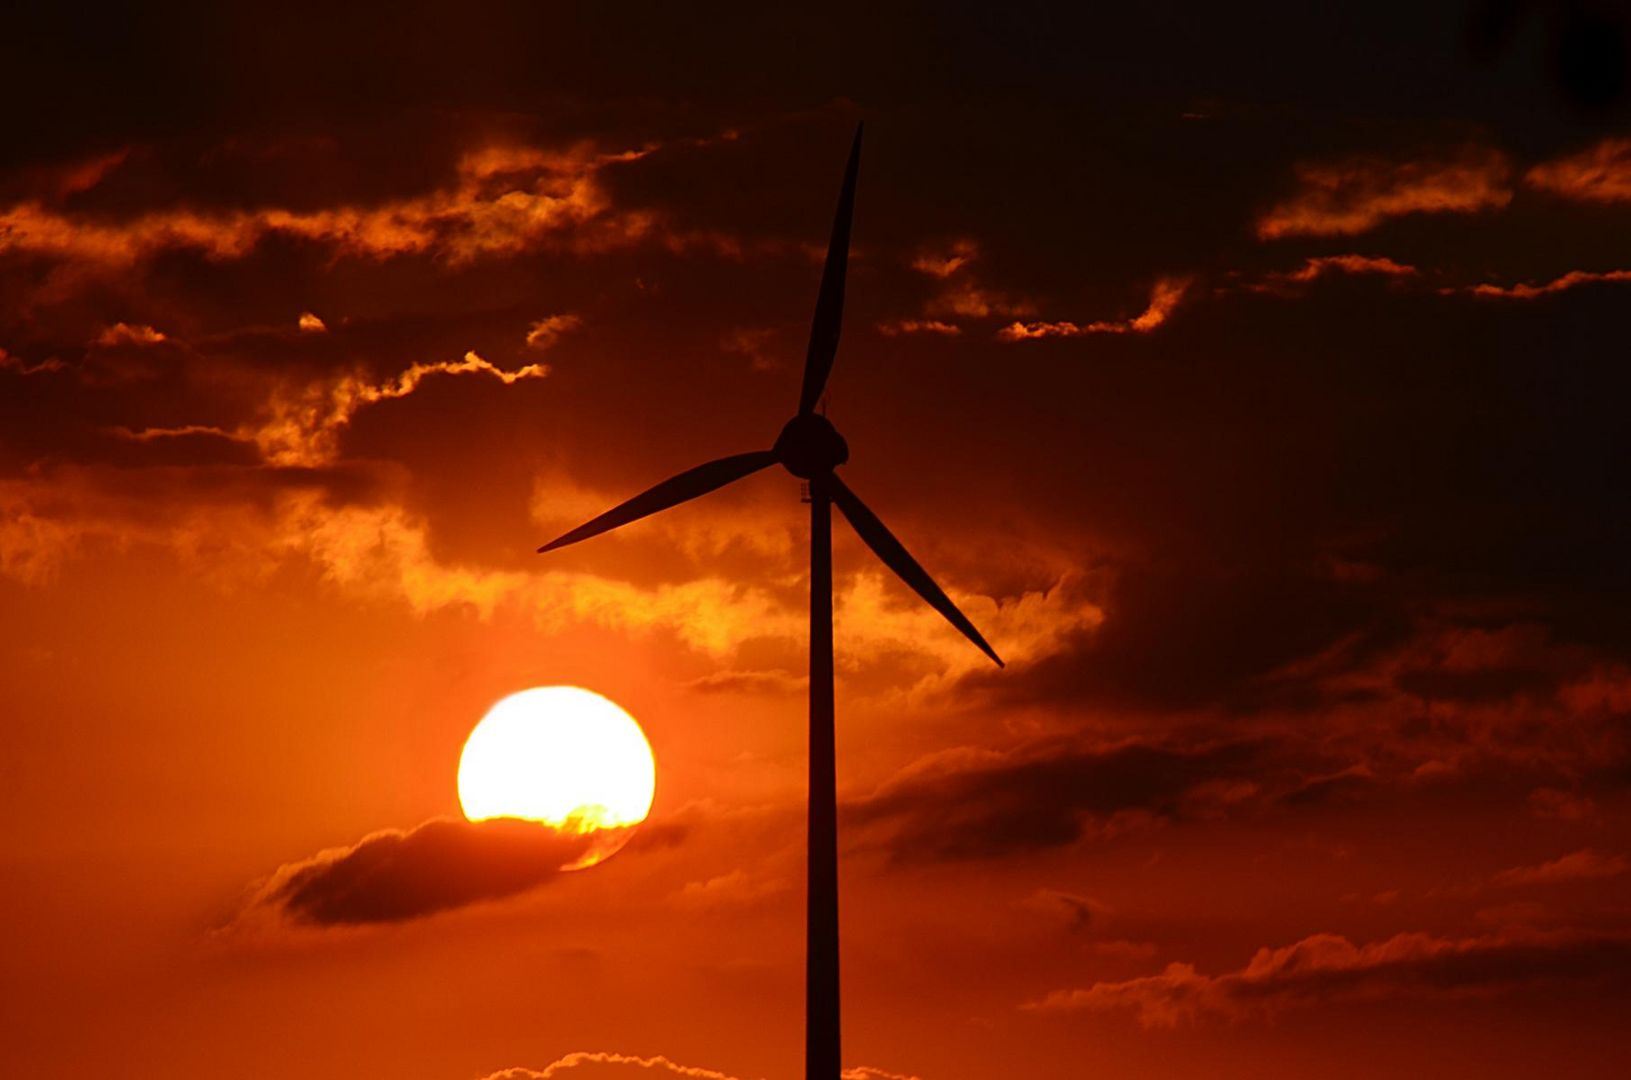 Sonnen- und Windkraft